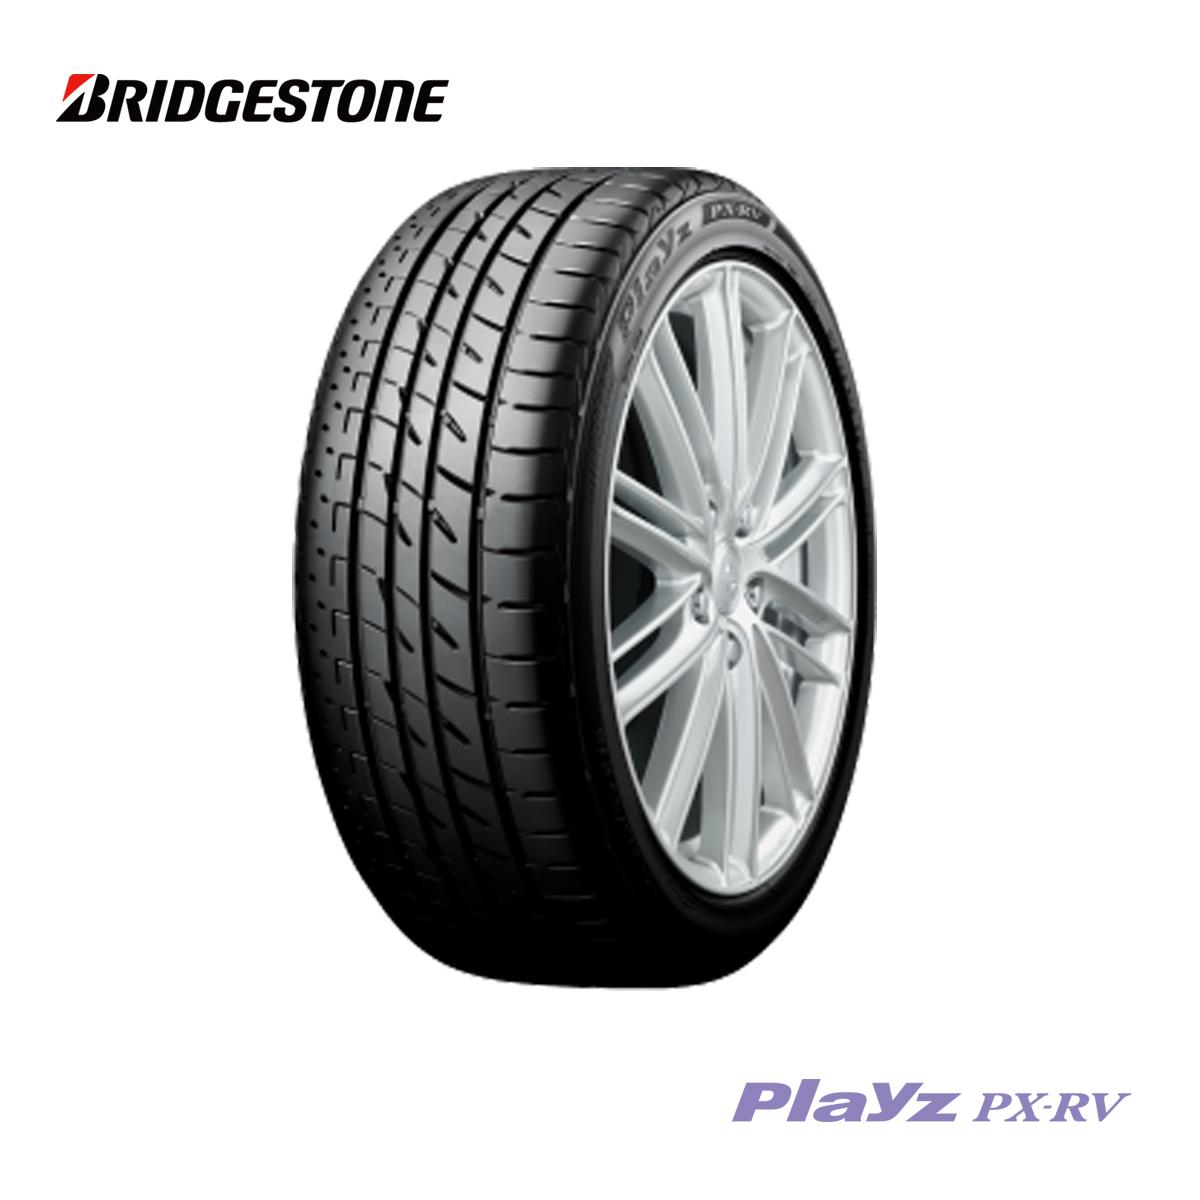 ブリヂストン BS 18インチ タイヤ 225/45R18 225 45 18 95W XL プレイズ サマー タイヤ 2本 95W XL 低燃費 エコ 夏 ミニバン BRIDGESTONE Playz PX-RV